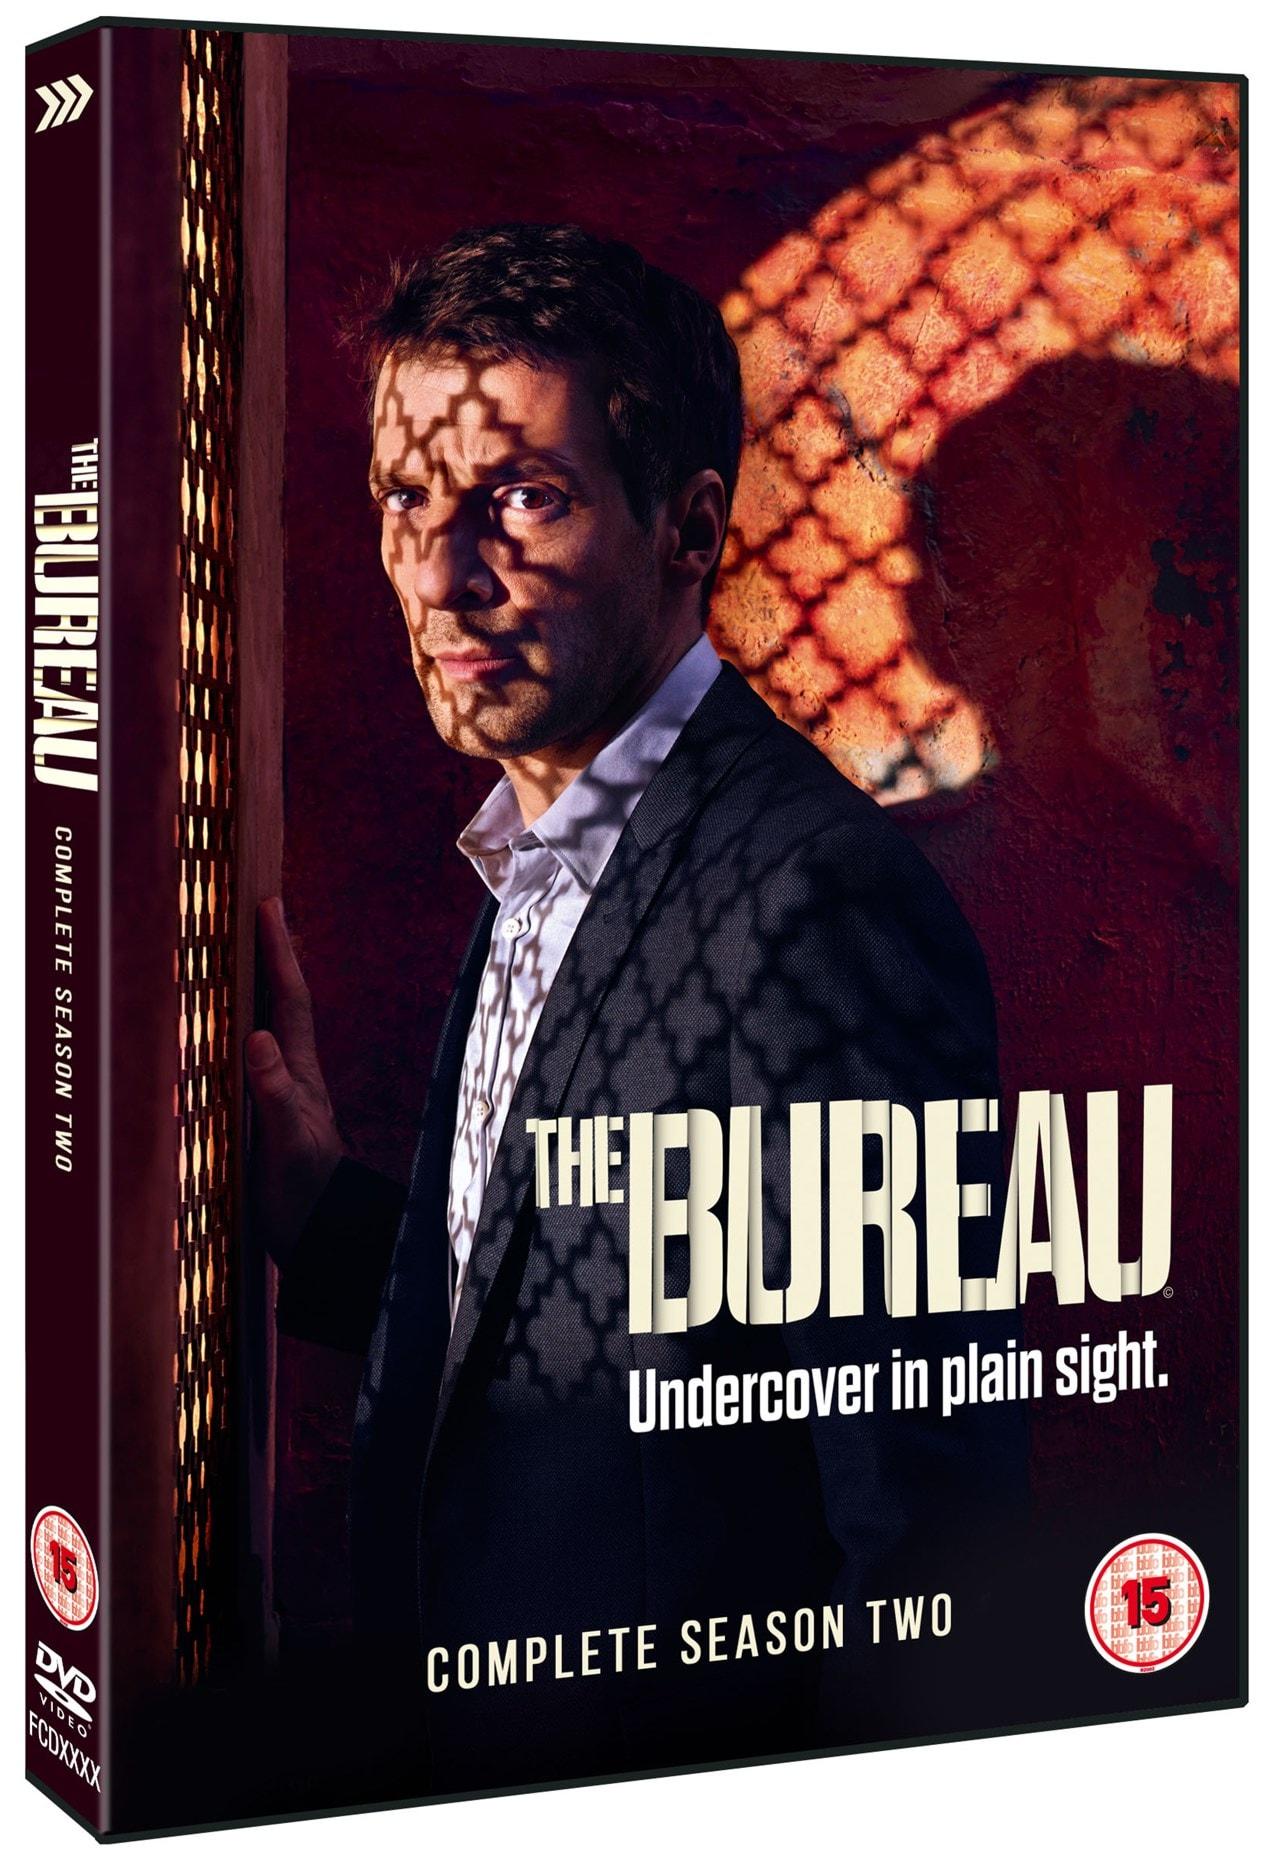 The Bureau: Complete Season 2 - 2